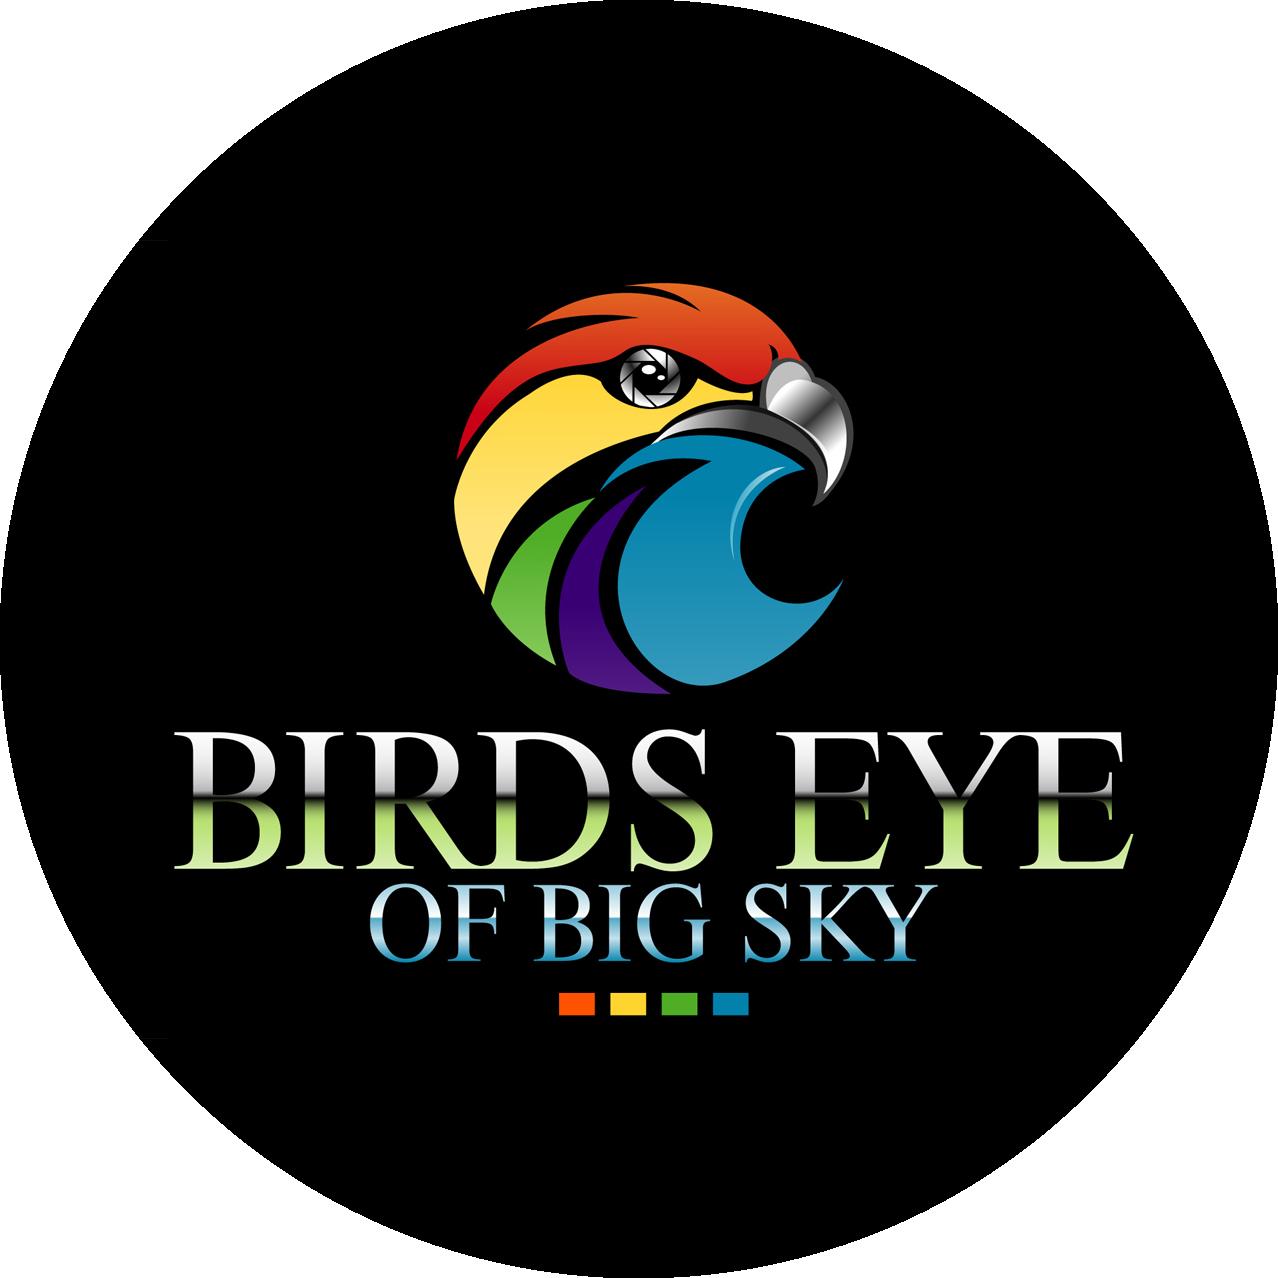 Birds Eye of Big Sky